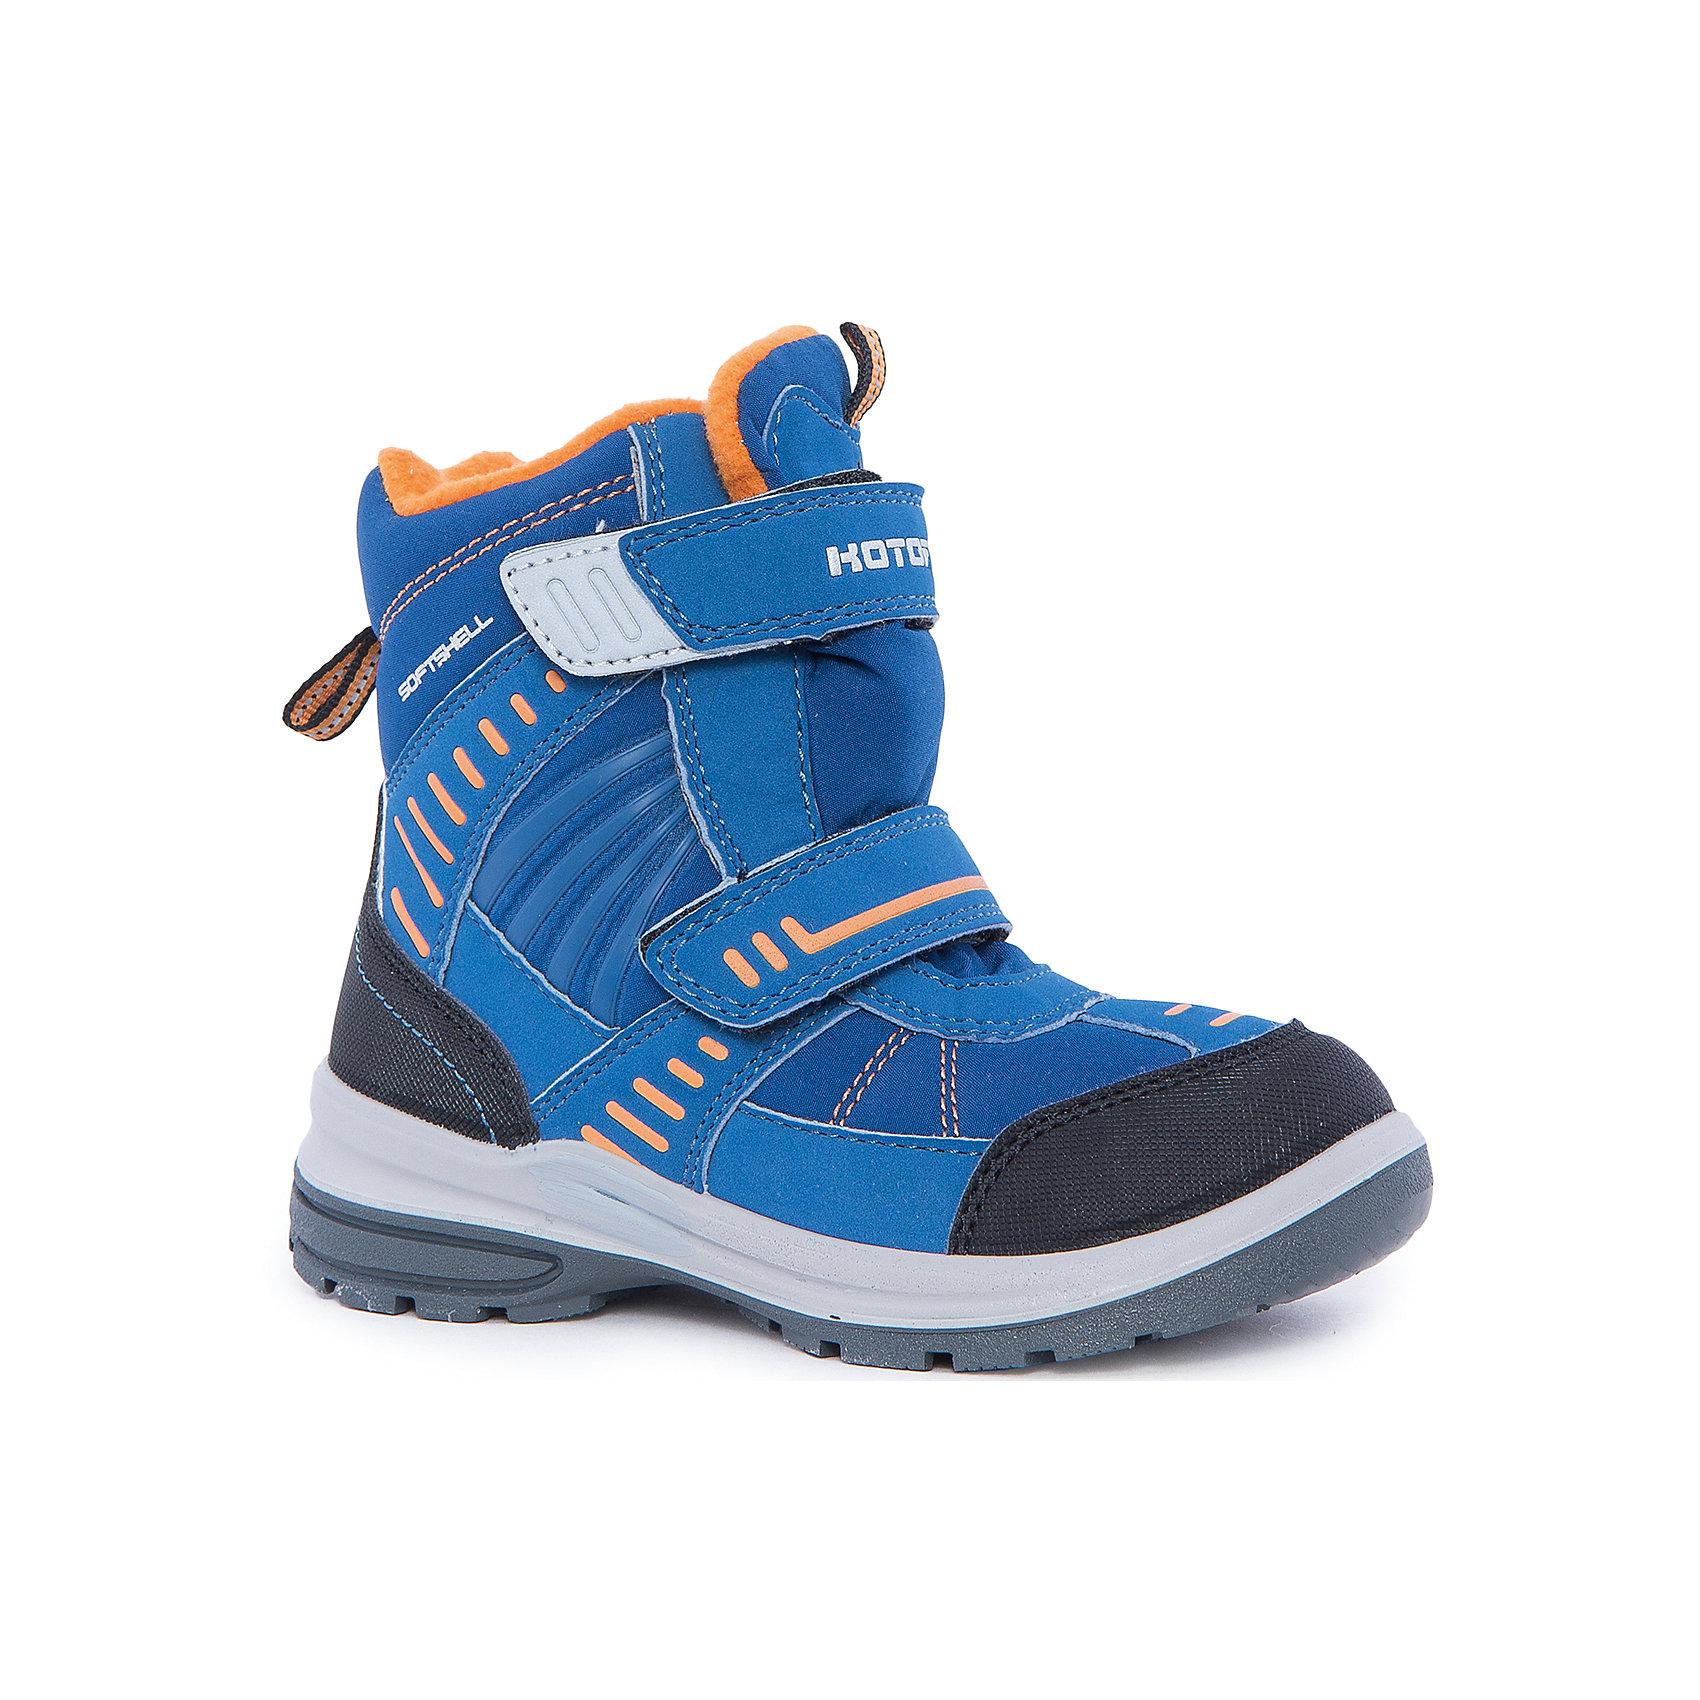 Ботинки для мальчика КотофейБотинки<br>Котофей – качественная и стильная детская обувь по доступным ценам. С каждым днем популярность бренда растет.  Сапожки – универсальная обувь для холодов для всех маленьких непосед. Новая модель сапог для мальчика сочетает все модные тенденции  наступающего зимнего сезона. Стильный дизайн, яркие цвета, уникальный пошив и цветные детали создают неповторимый элемент гардероба.<br><br>Дополнительная информация:<br><br>цвет: сине-оранжевый;<br>вид крепления: литьевой;<br>застежка: липучка;<br>температурный режим: от -15 °С до +5° С.<br><br>Состав:<br>материал верха – комбинированный;<br>материал подклада – мех шерстяной;<br>подошва – ПУ/резина.<br><br>Зимние сапожки для мальчика дошкольного возраста от фирмы Котофей можно купить в нашем магазине.<br><br>Ширина мм: 262<br>Глубина мм: 176<br>Высота мм: 97<br>Вес г: 427<br>Цвет: синий/оранжевый<br>Возраст от месяцев: 60<br>Возраст до месяцев: 72<br>Пол: Мужской<br>Возраст: Детский<br>Размер: 29,30,28,31,27<br>SKU: 4982172